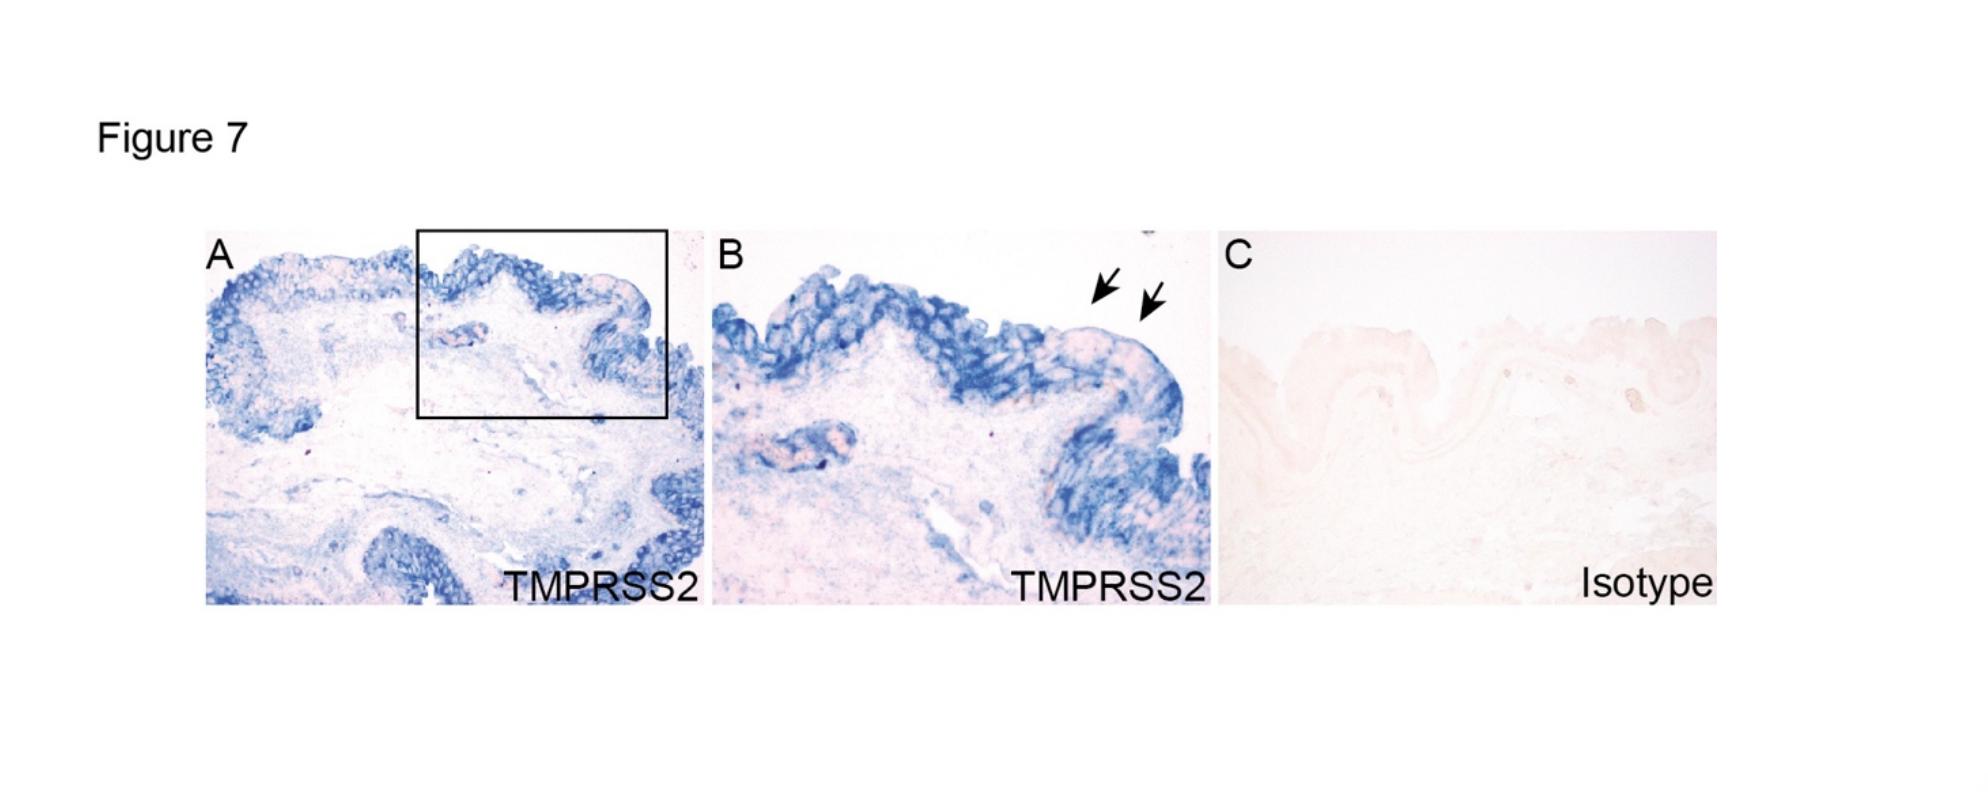 图6:结膜手术标本的TMPRSS2外达及定位。(A)框中的区域在(B)以较高的放大倍数表现。C为平常IgG对照组。